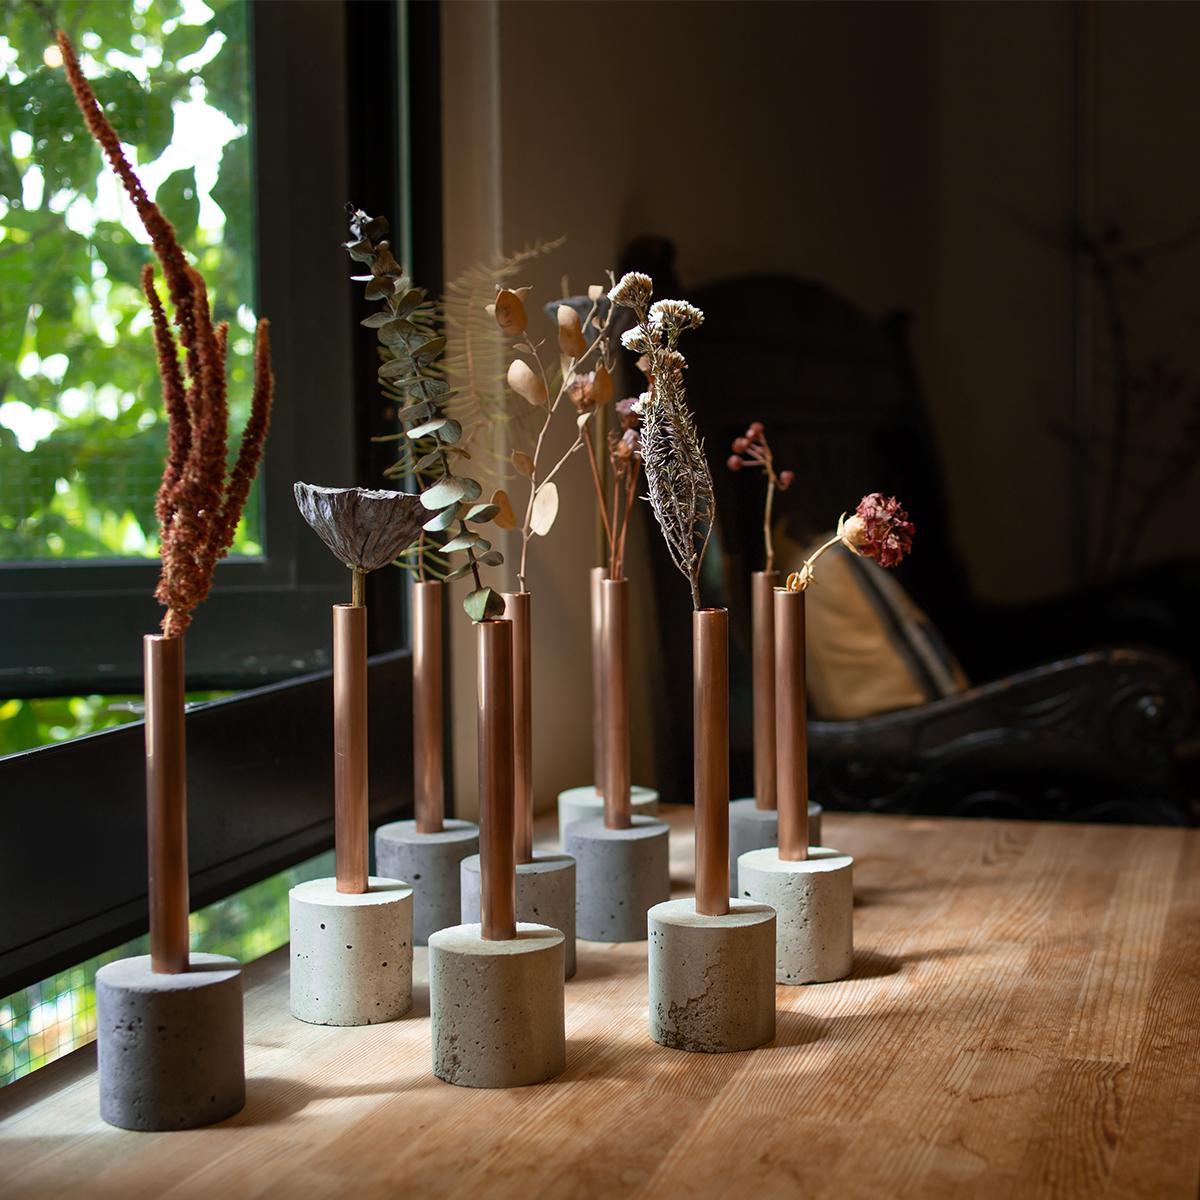 「ドライ・イン・ウォーター法」なら、自然に枯れていく風情や、ドライフラワー後もそのままでいいのでおすすめ。時間や生活環境とともに少しずつ深みを増し、経年変化していく銅管とモルタル。無造作に挿すだけで「絵」になる、銅管の一輪挿し・花瓶・フラワーベース|BULBOUS